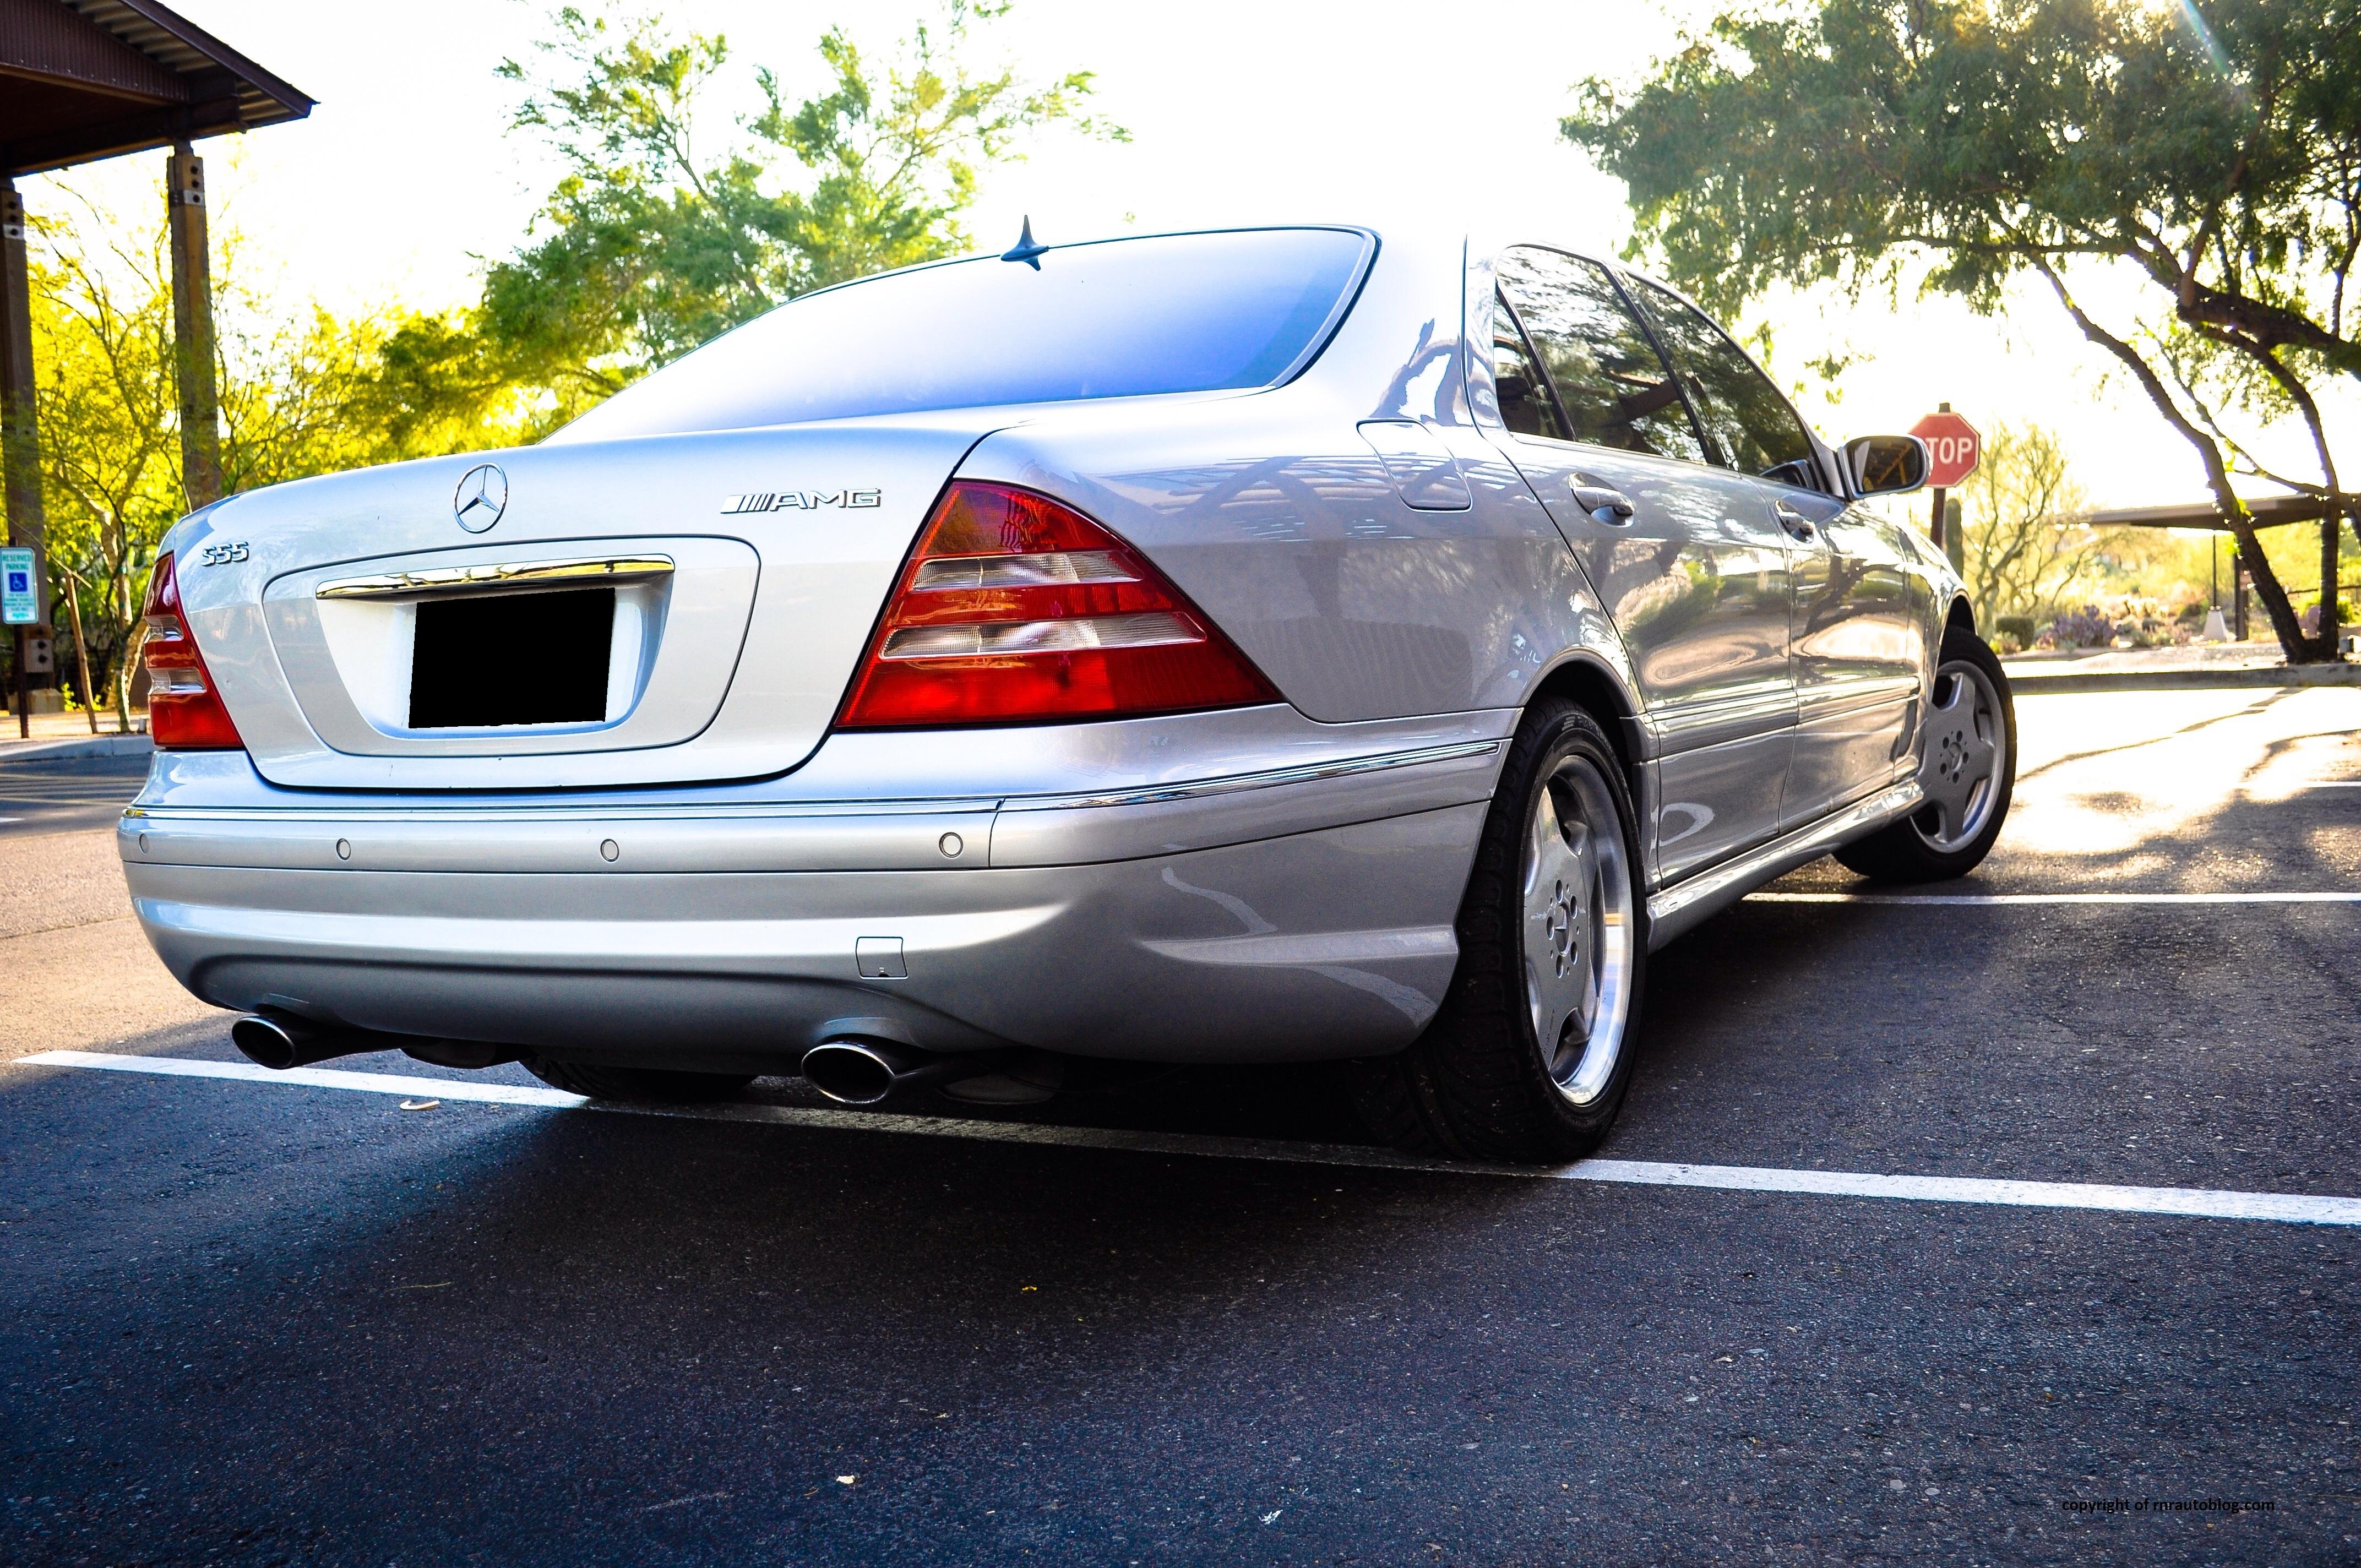 2001 mercedes benz s55 amg review rnr automotive blog s55 8 publicscrutiny Images